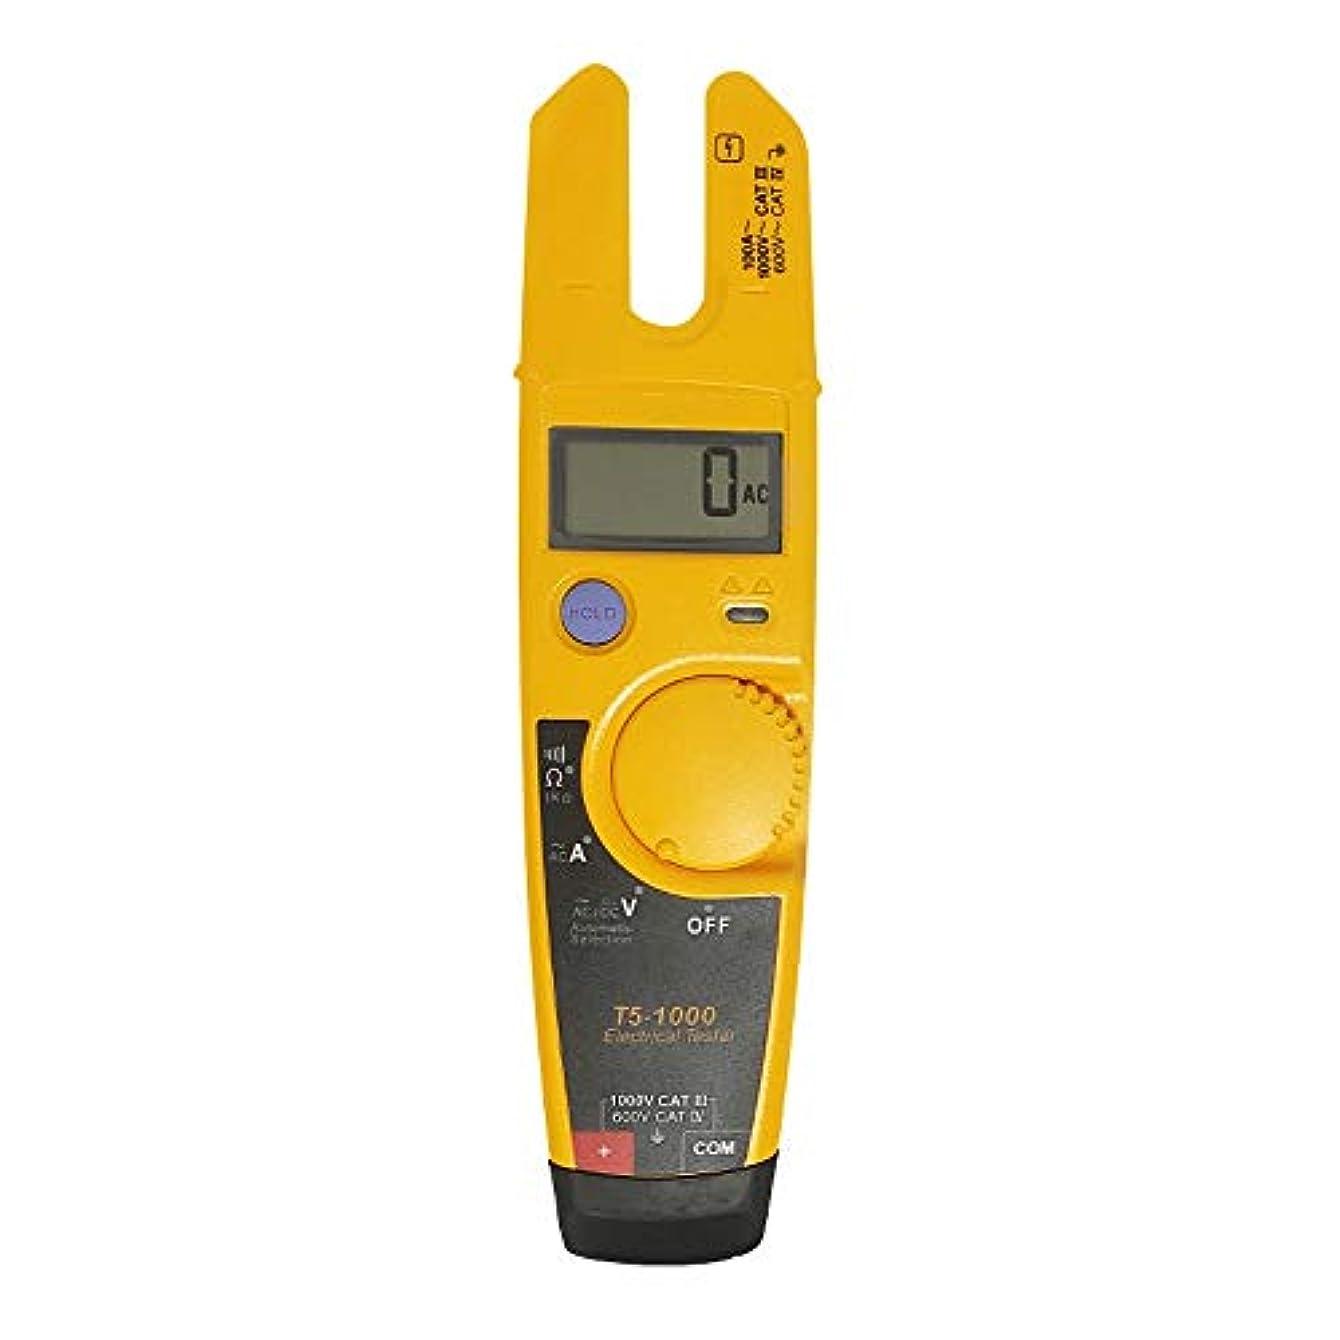 温度計整然とした確かめるZHQJP Labloot ソフトケース付き T5-600 クランプメーター 電圧 連続電流 クランプメーター